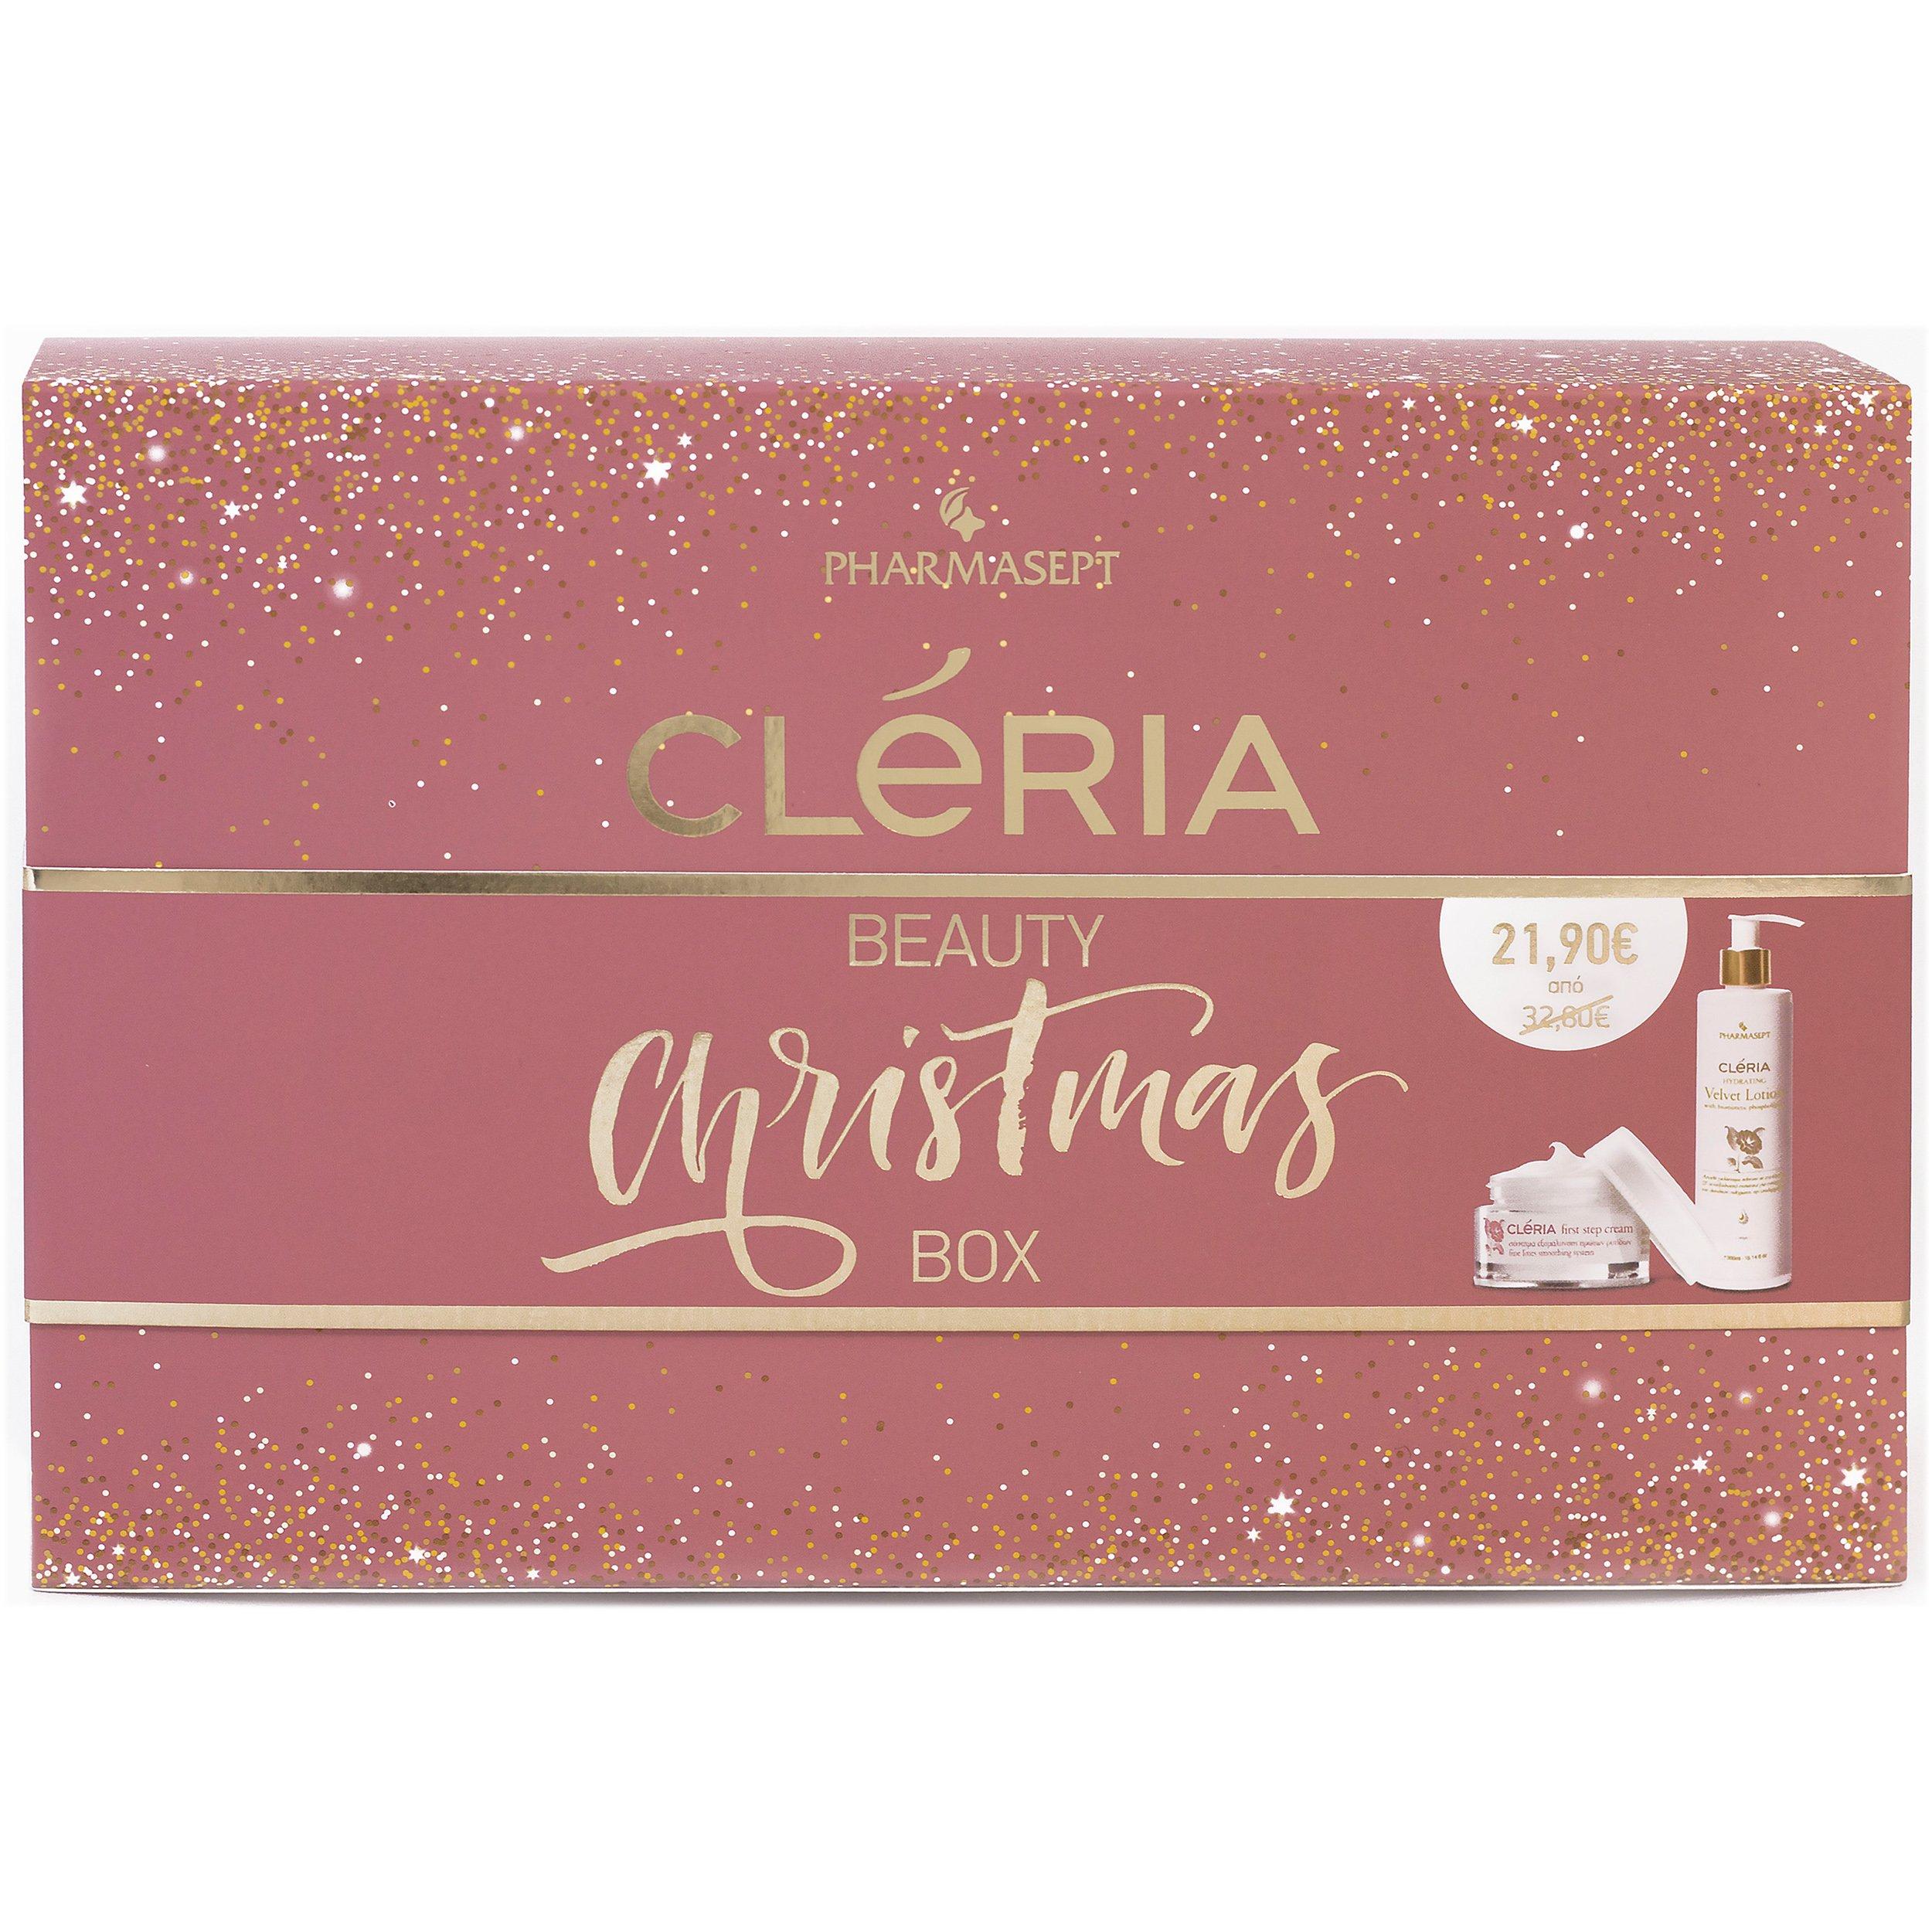 Pharmasept Cleria Beauty Christmas Box First Step Cream Αντιρυτιδική Κρέμα Δράσης 3 Επιπέδων 50ml &Hydrating Velvet Lotion 300ml